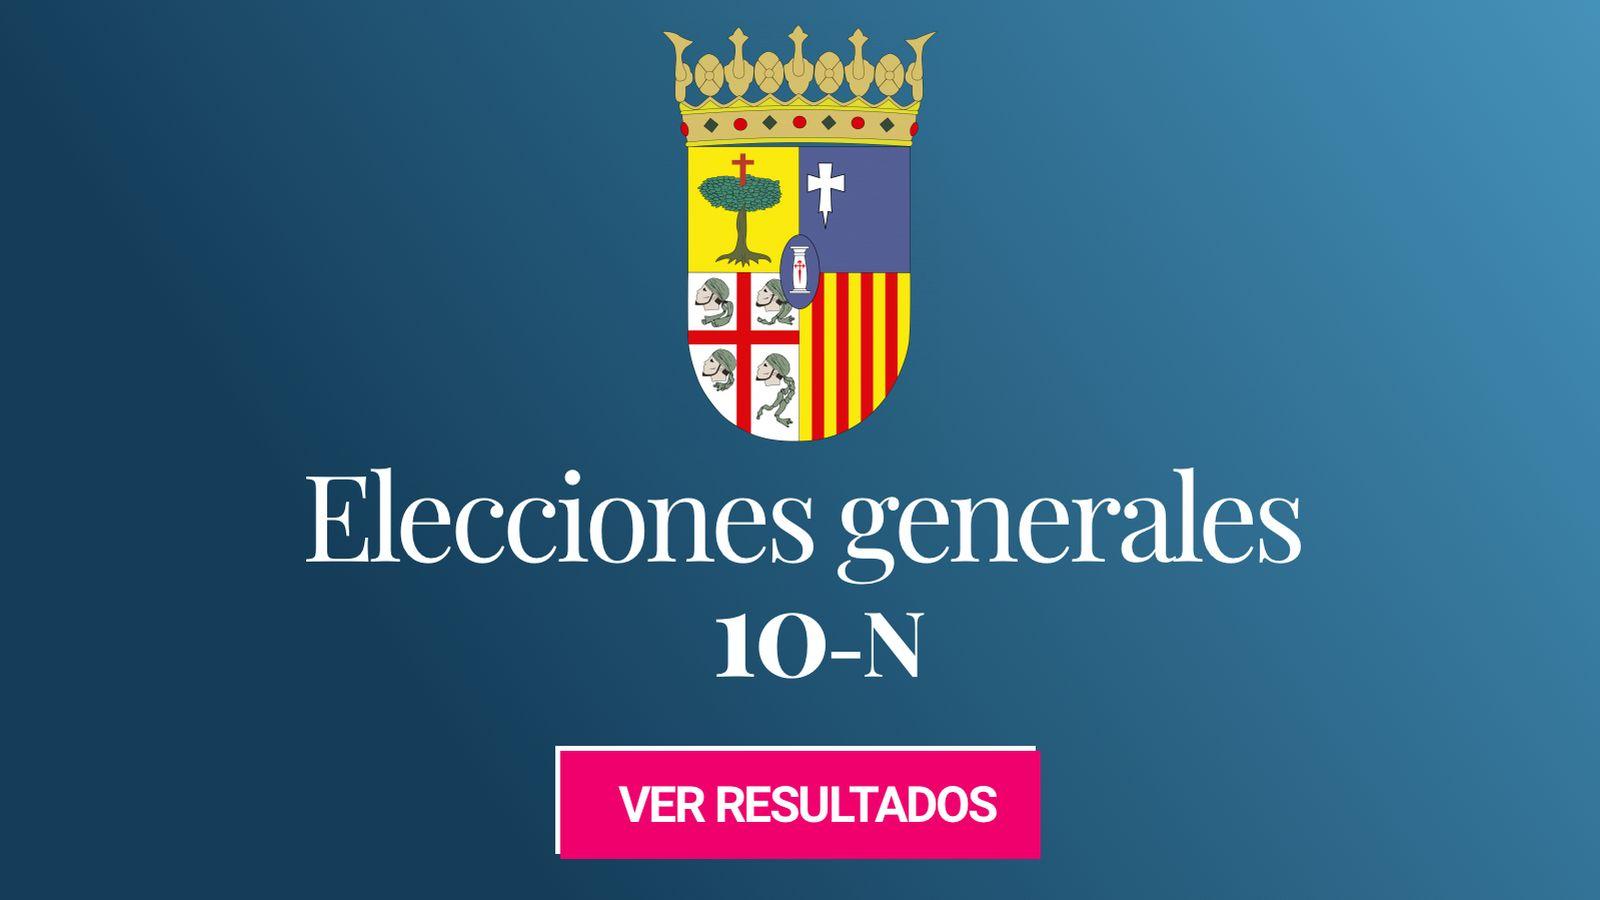 Foto: Elecciones generales 2019 en la provincia de Zaragoza. (C.C./Willtron)